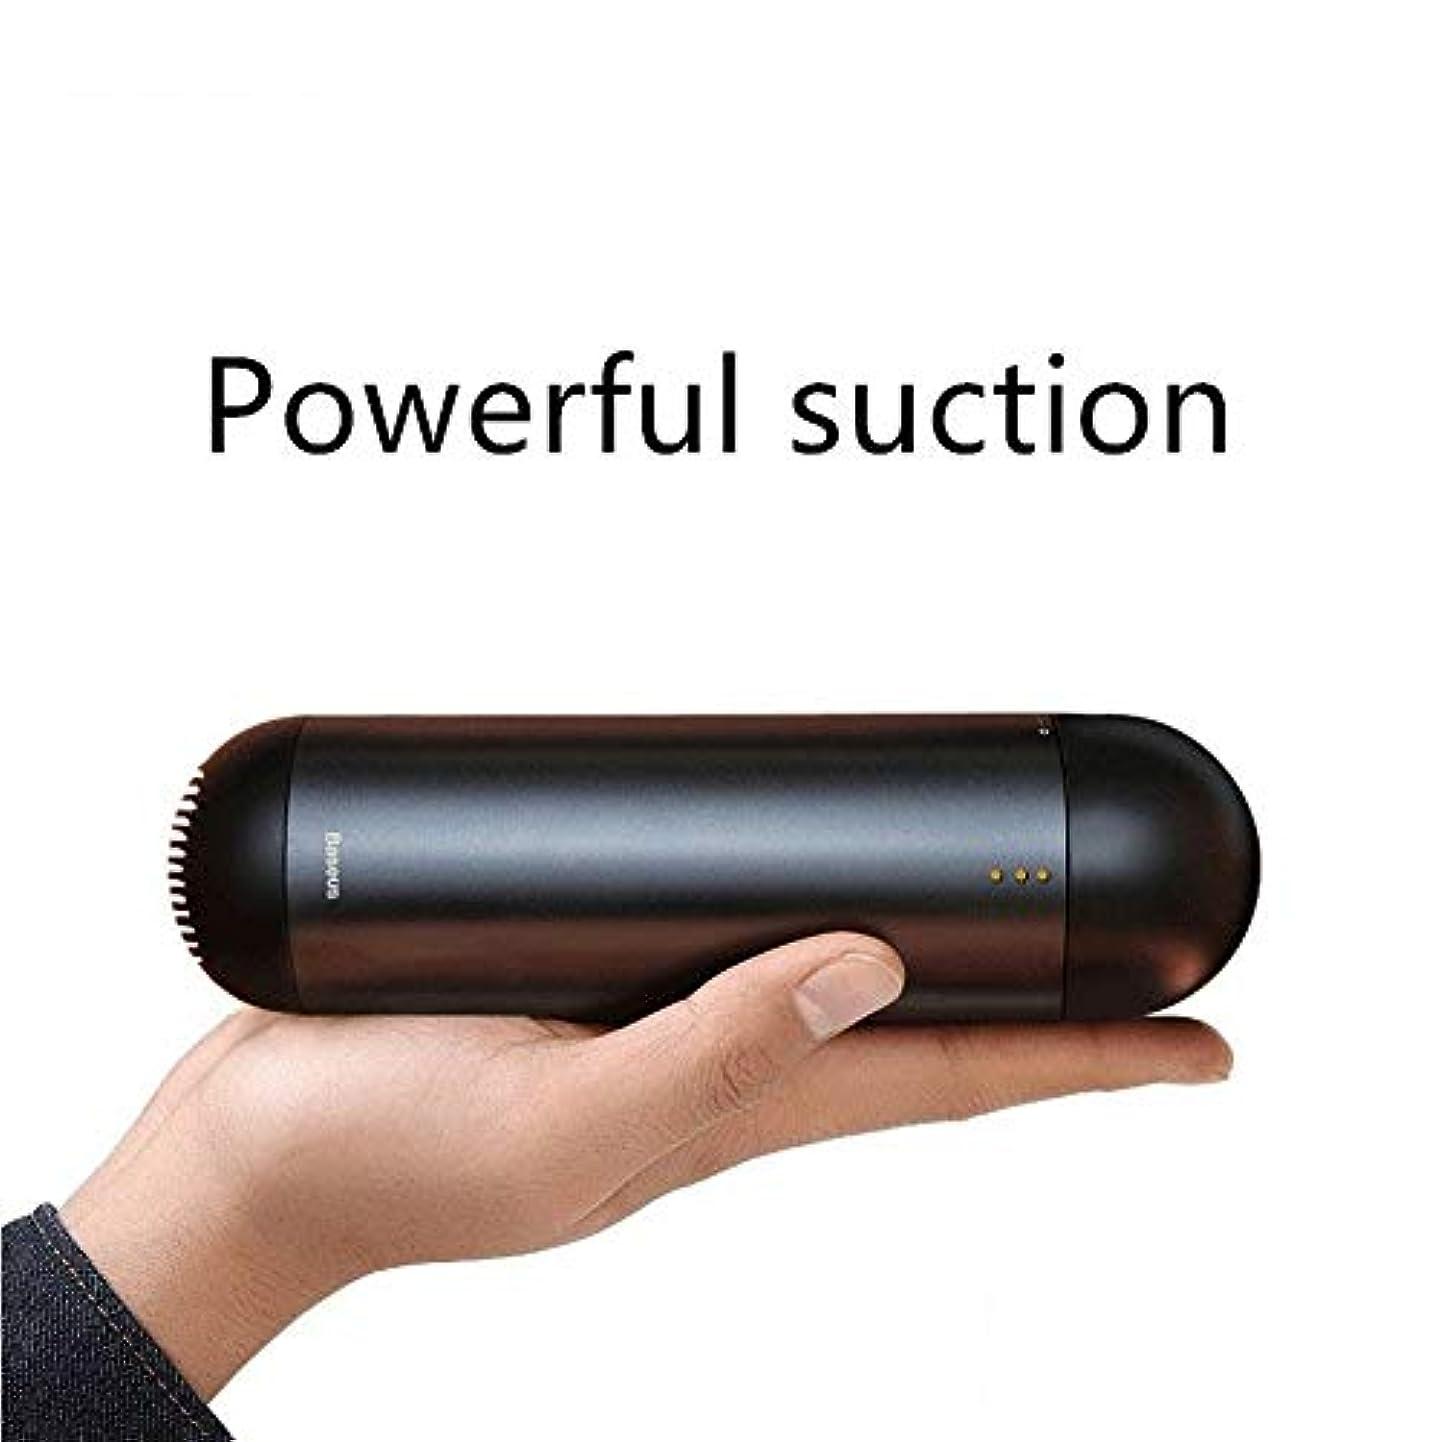 狂人受取人コーヒーPengShi ワイヤレスカプセル内部のカークリーナーカー家庭強いハイパワー充電式12V (Color : 232*65mm, Size : Black)